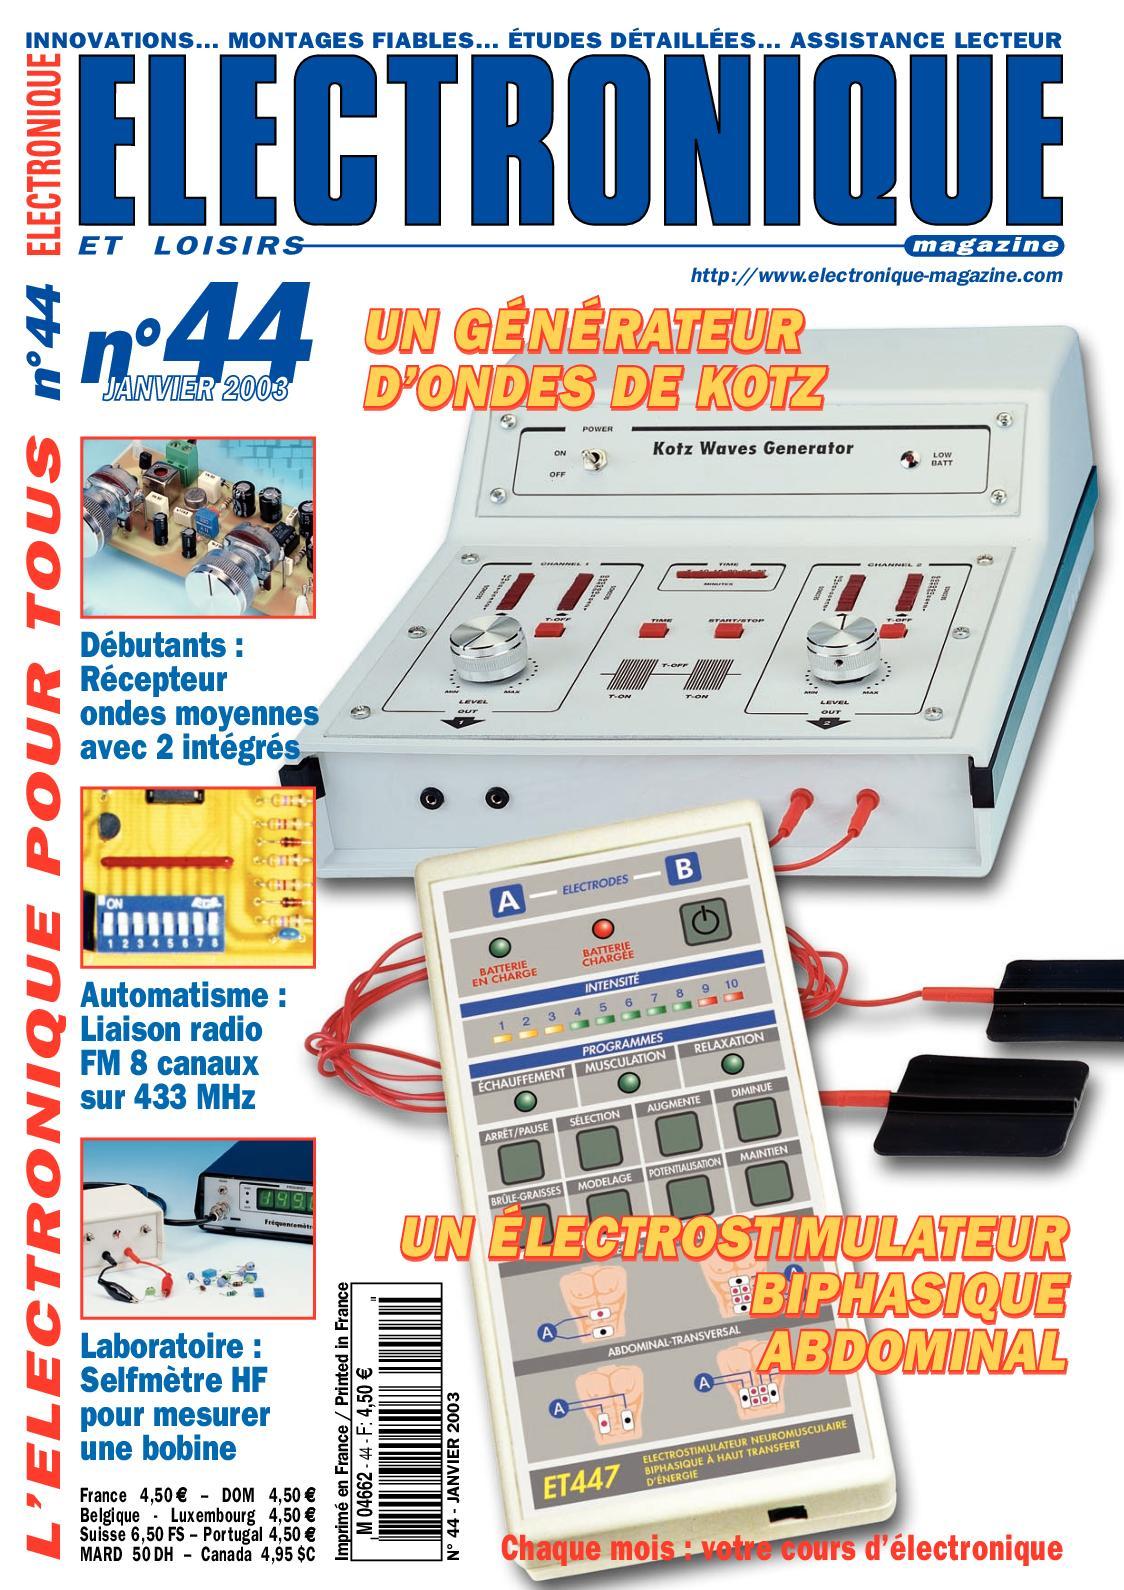 Dispositif de test de frequence pour emetteur-recepteur radio bidirectionnel XK